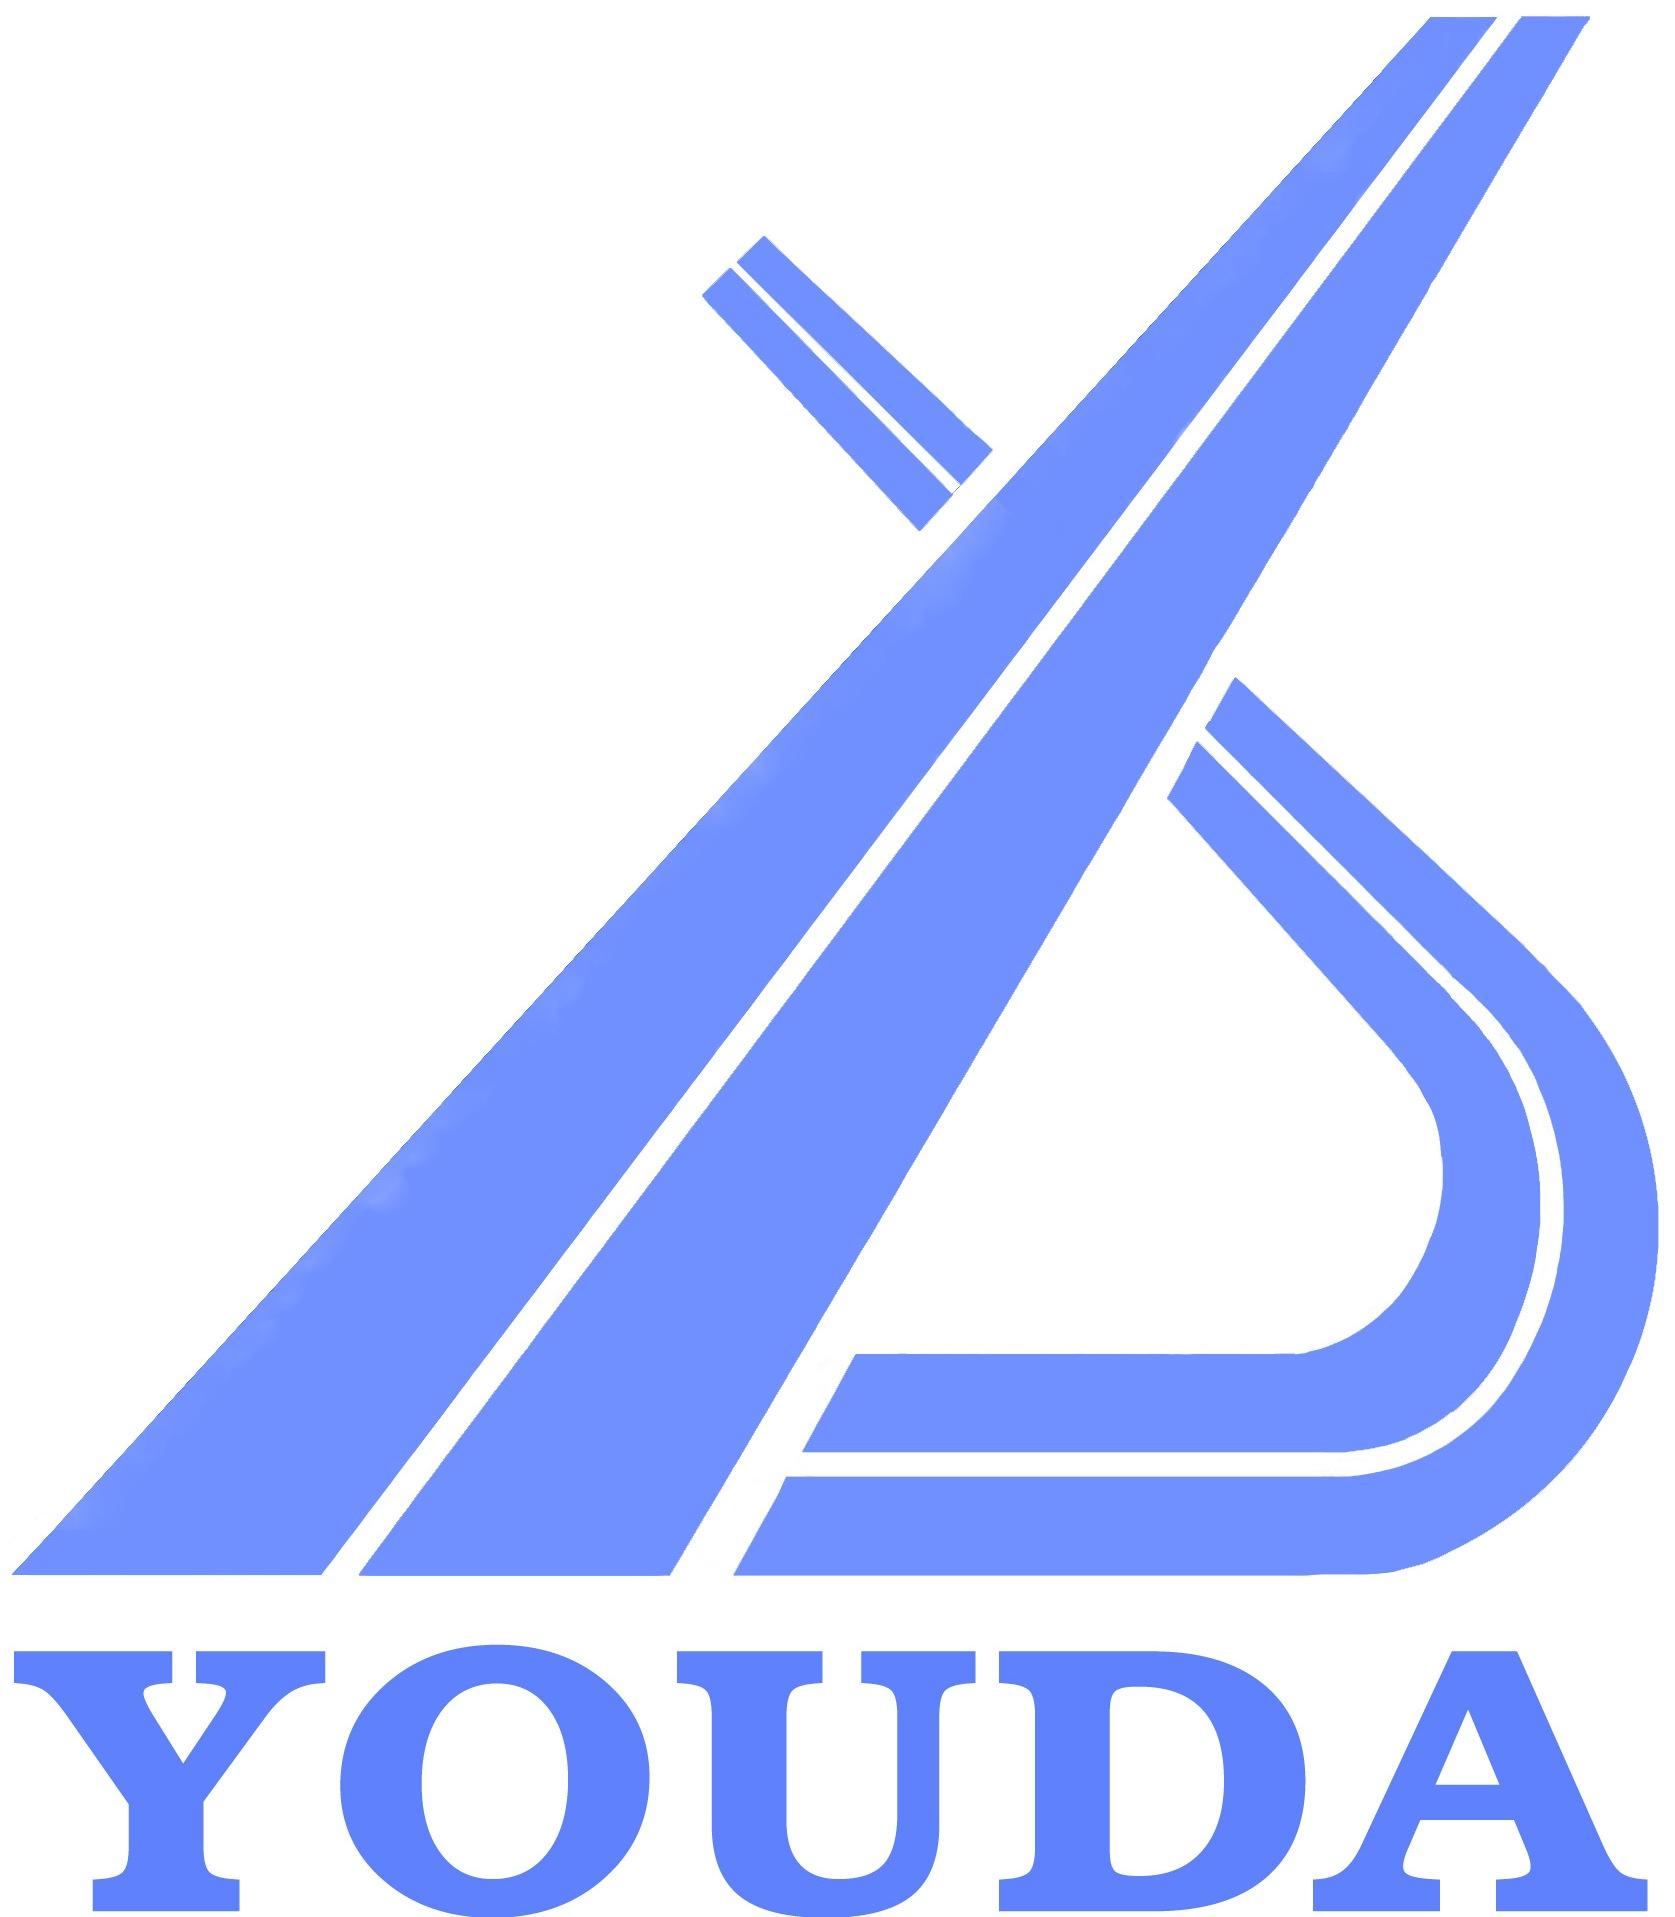 logo logo 标志 设计 矢量 矢量图 素材 图标 1675_1917